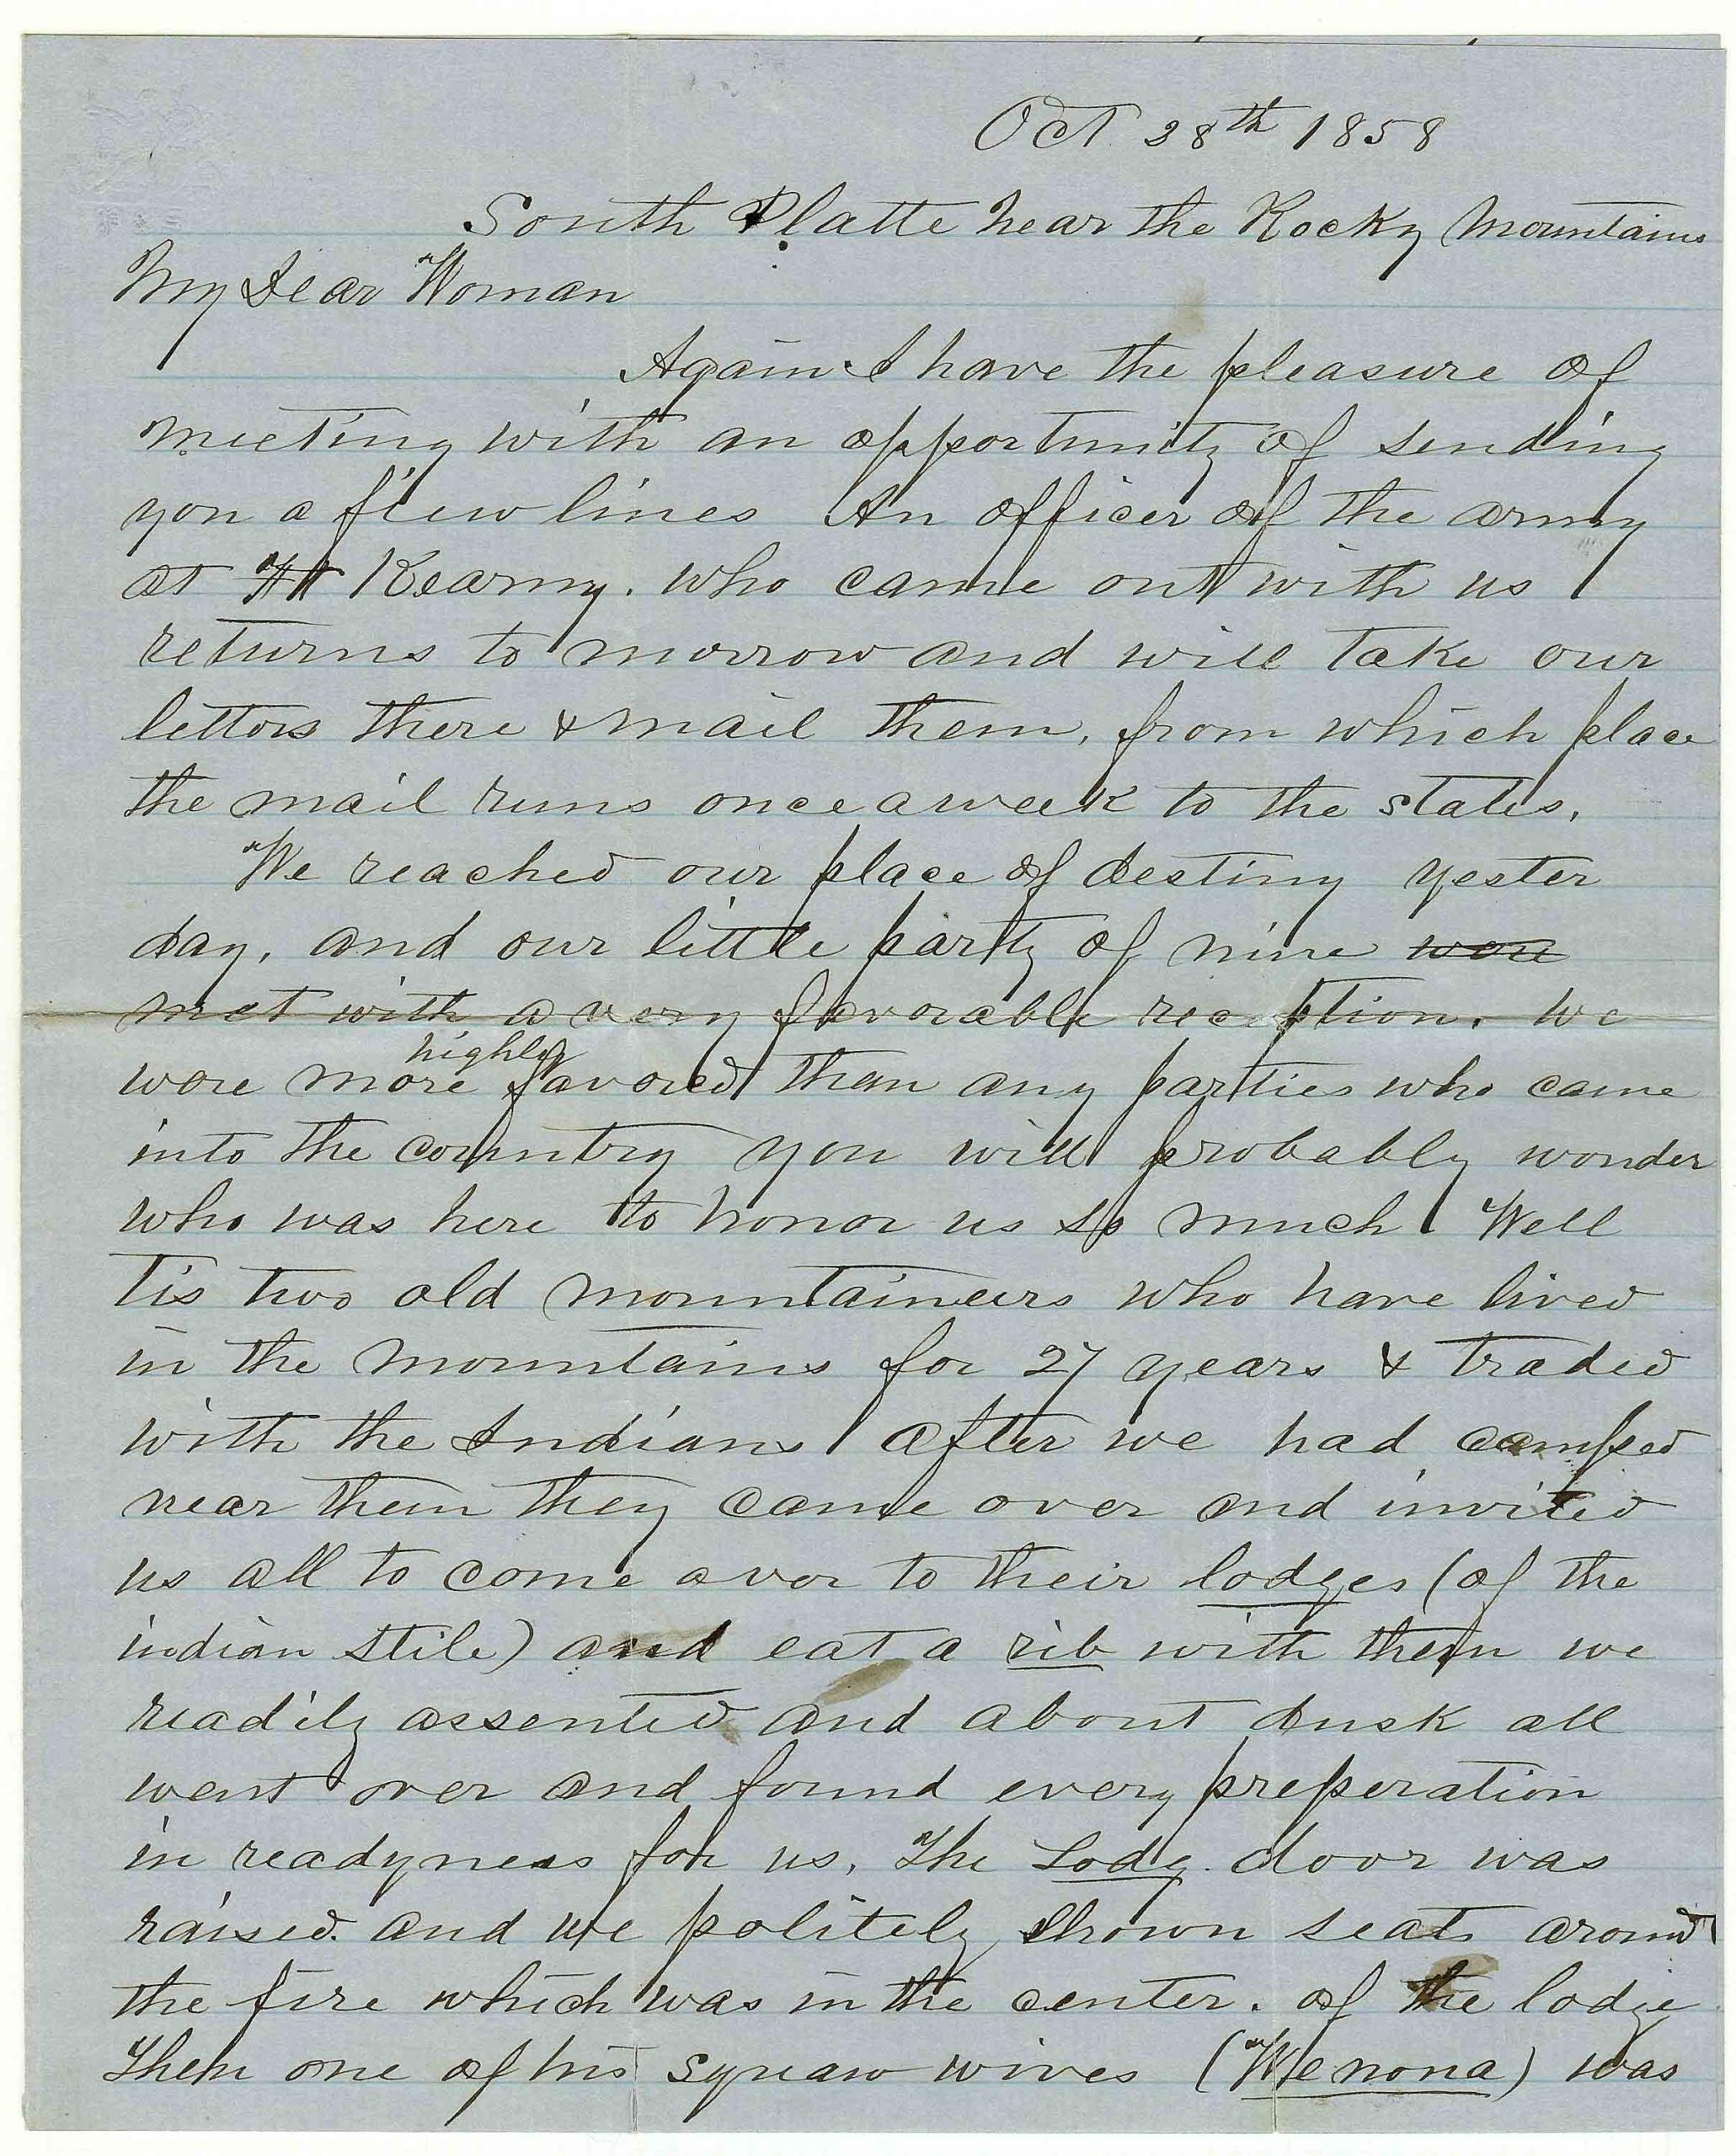 05a Stout Letter